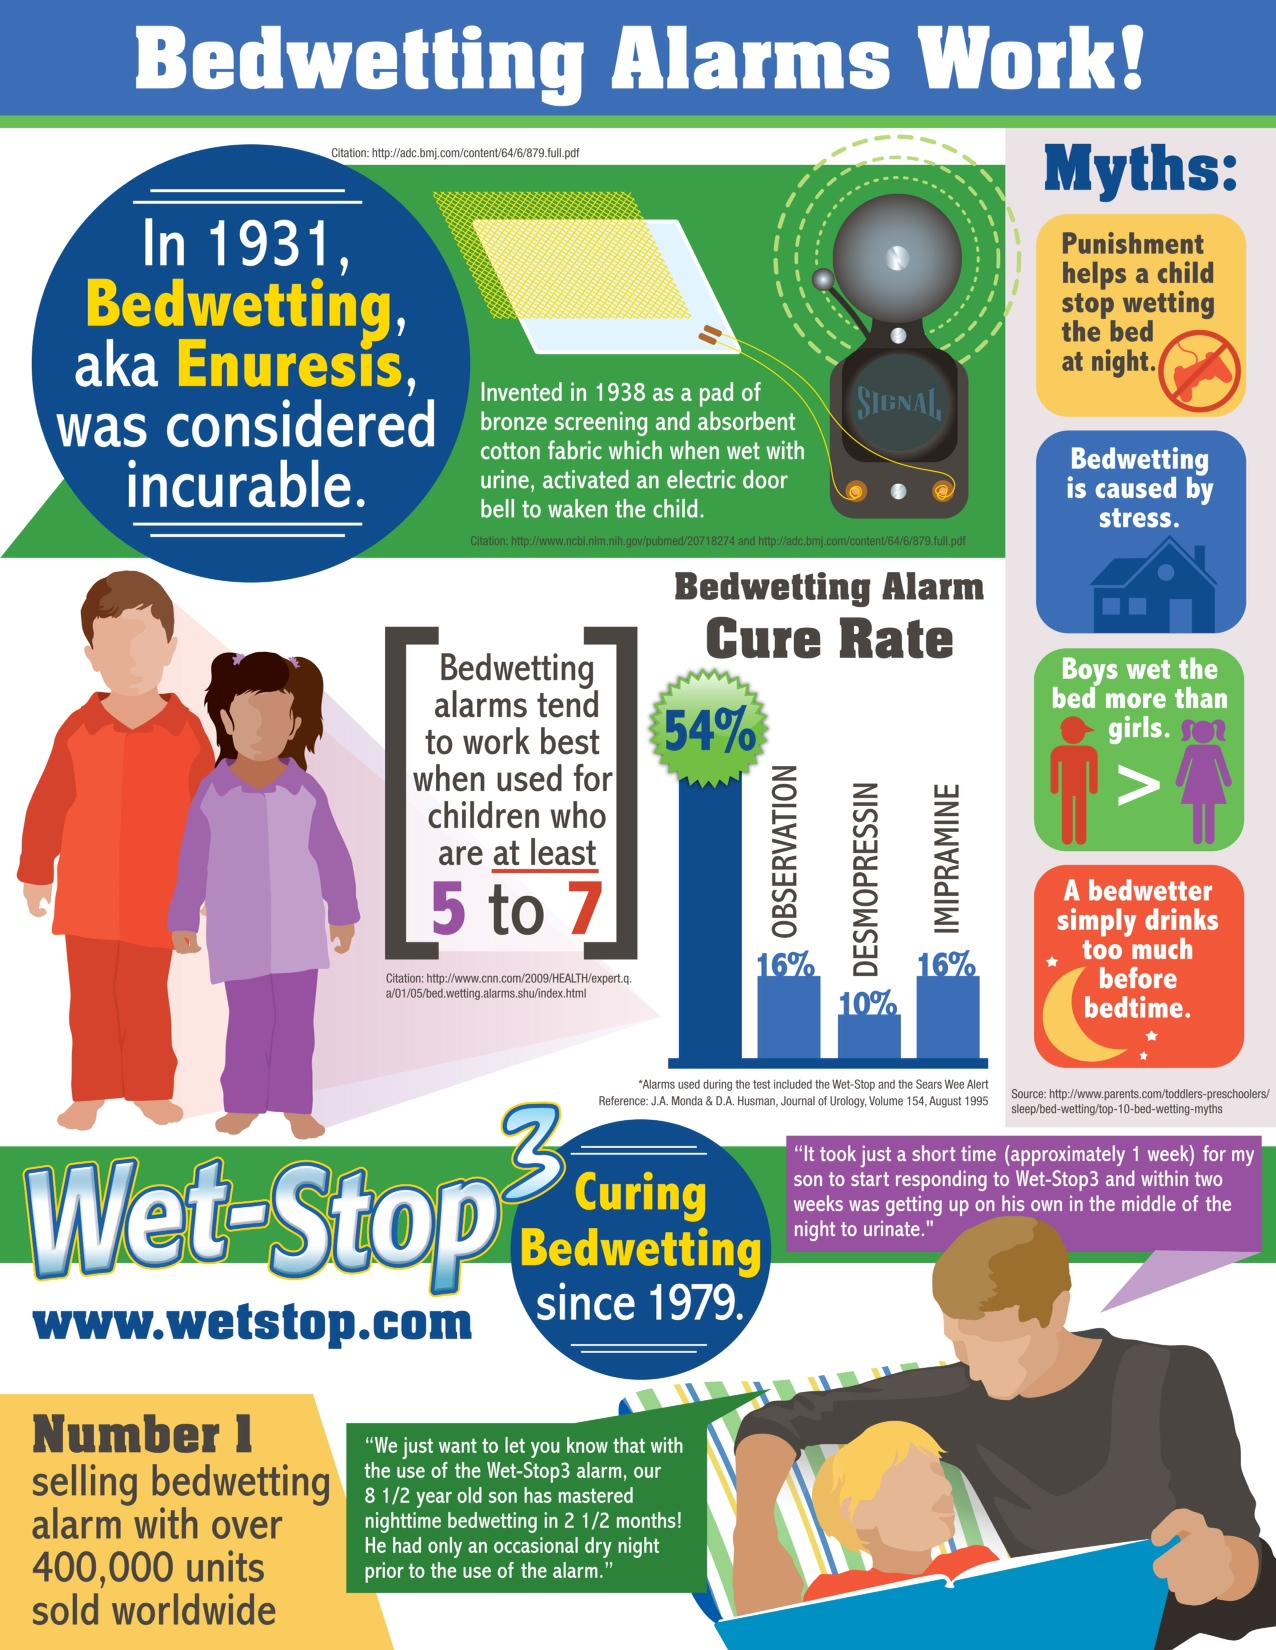 wet-stop3-infographic.jpg